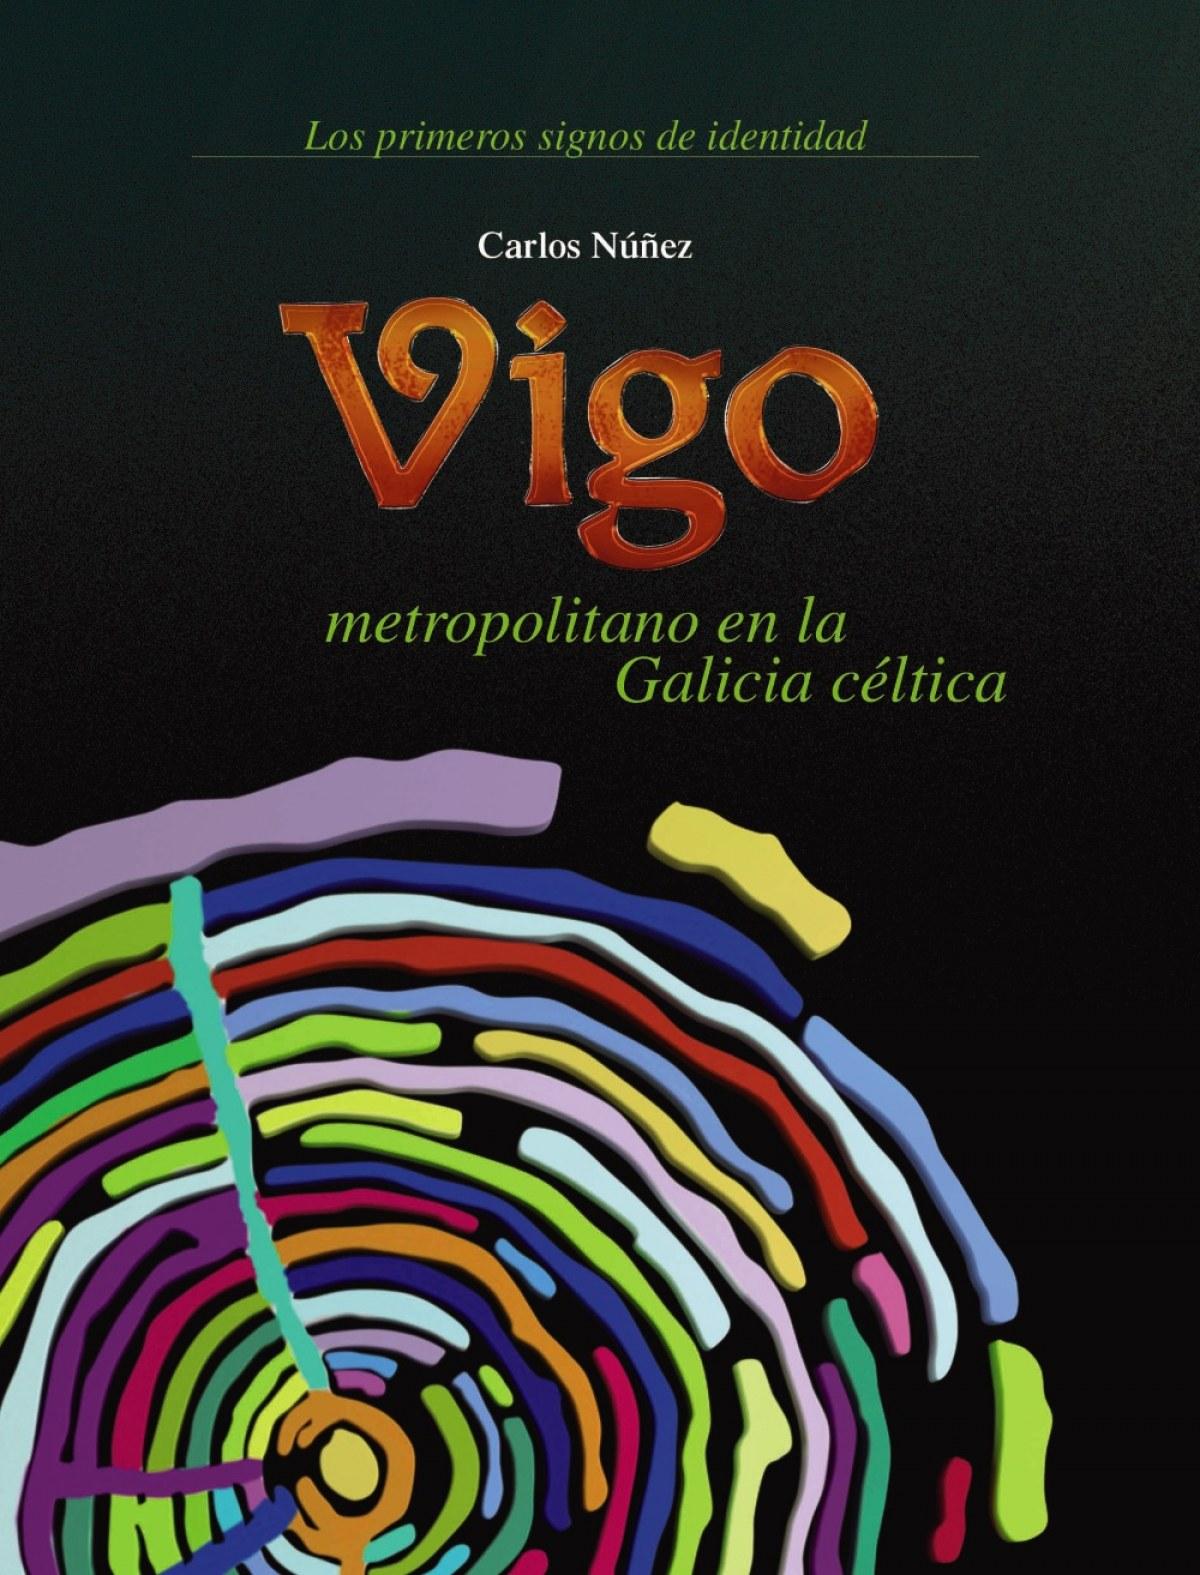 Vigo metropolitano na Galicia céltica